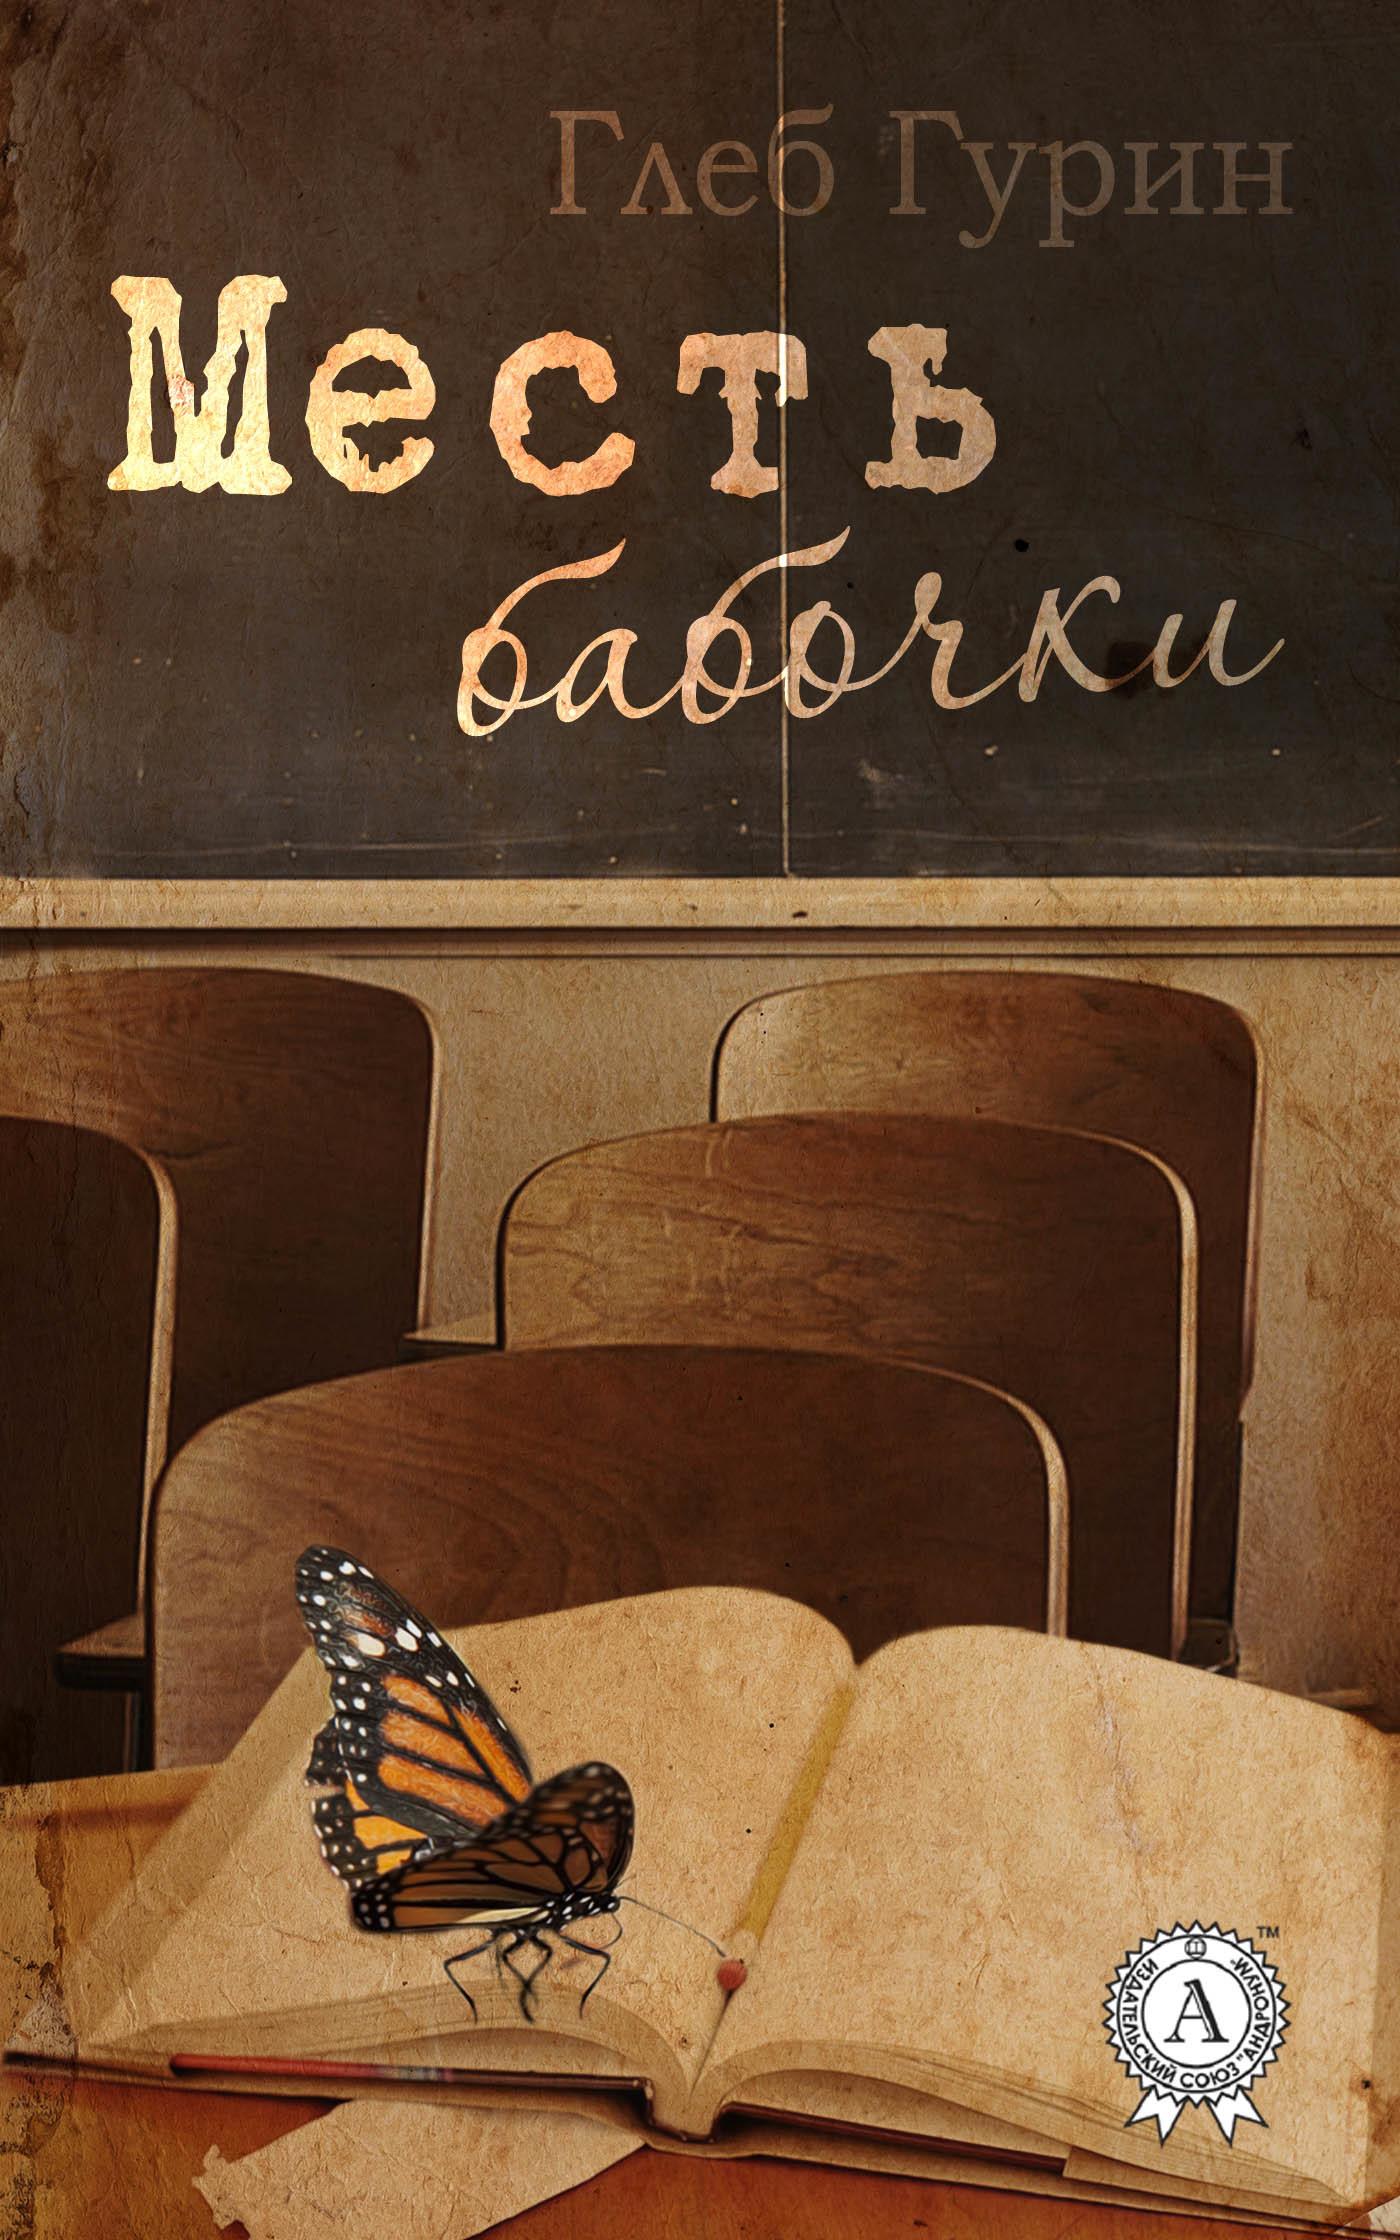 Обложка книги Месть бабочки, автор Гурин, Глеб